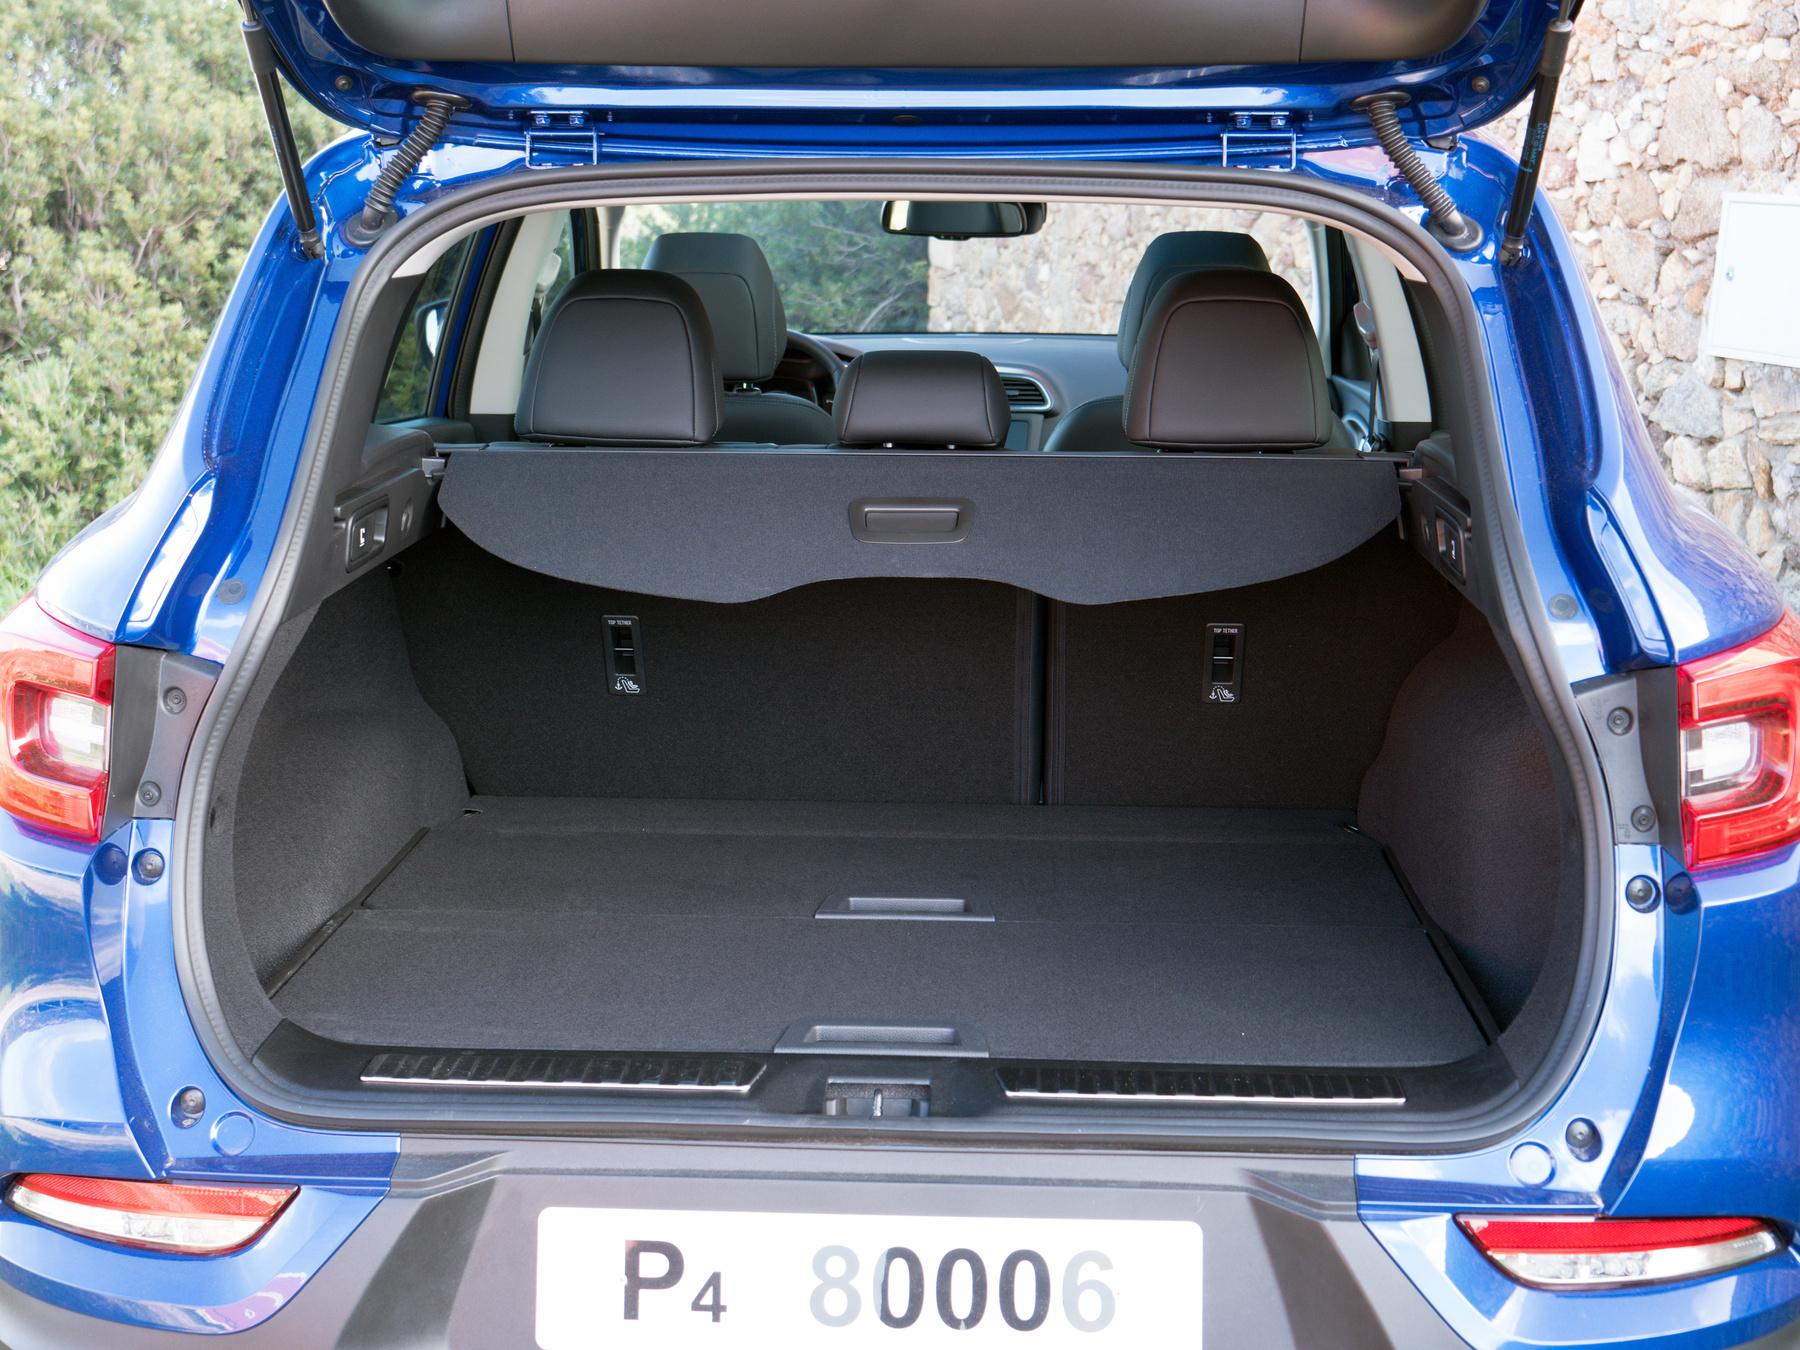 A csomagtartó is nagy, ráadásul kivehető a padló és akkor még egy kicsit nagyobb lesz, esetleg csempészáru számára is megfelelő